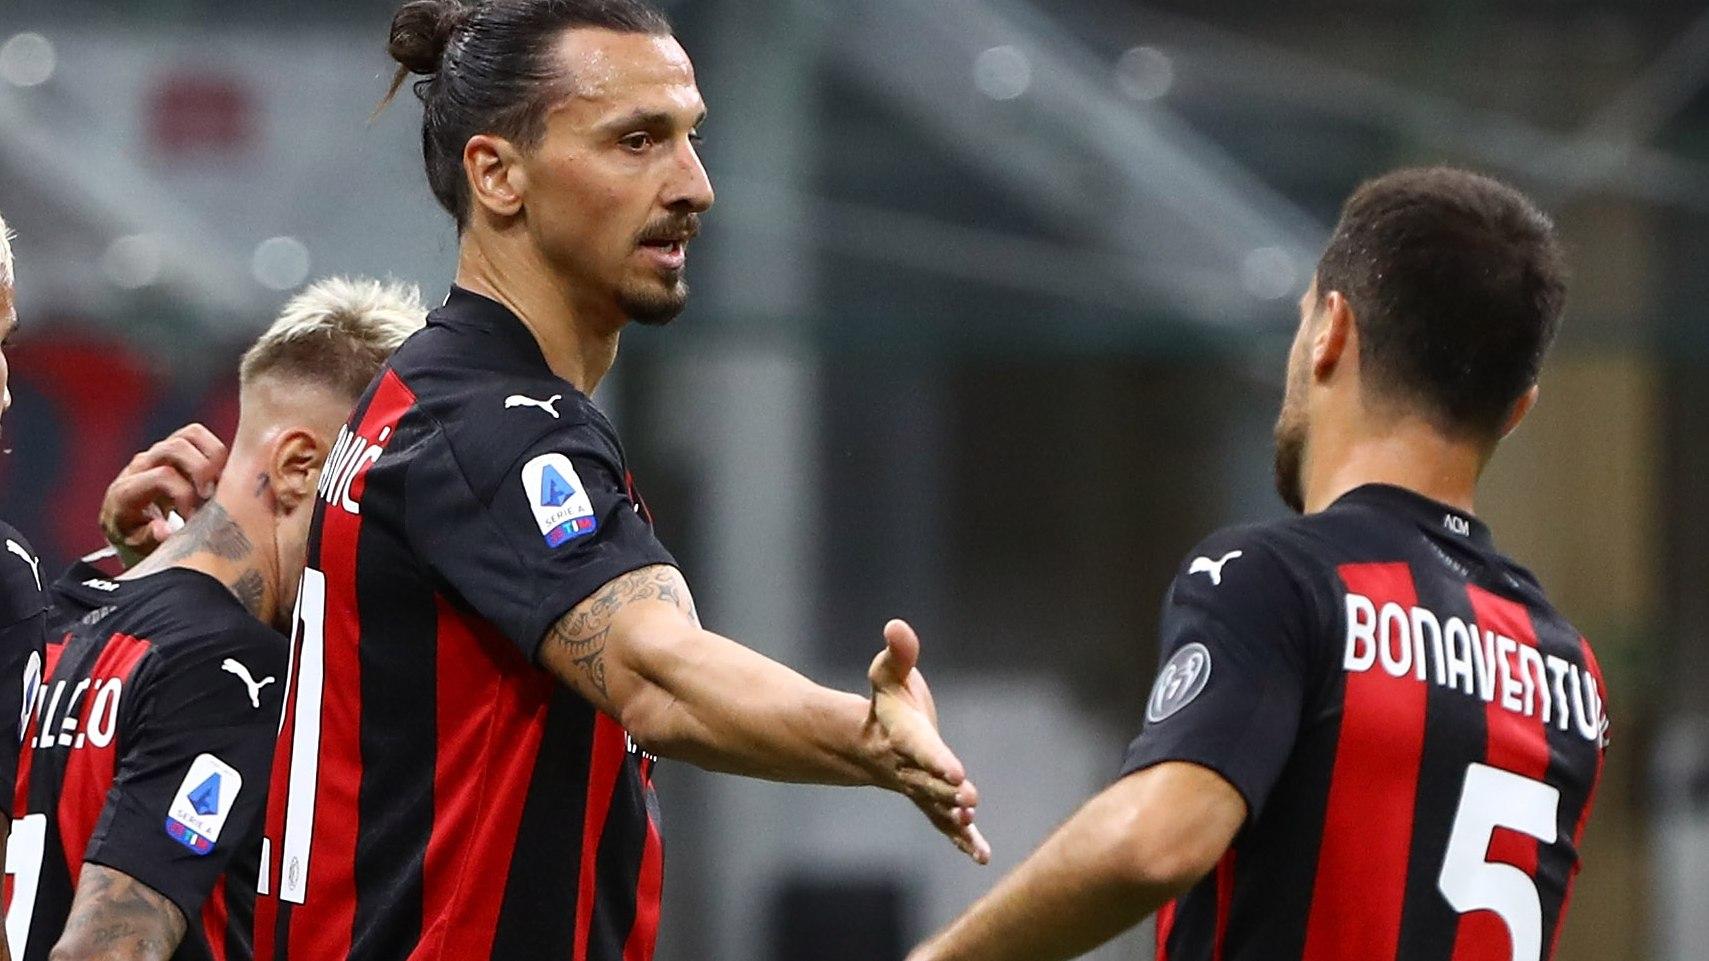 Calcio: Bonaventura addio al Milan tra le lacrime